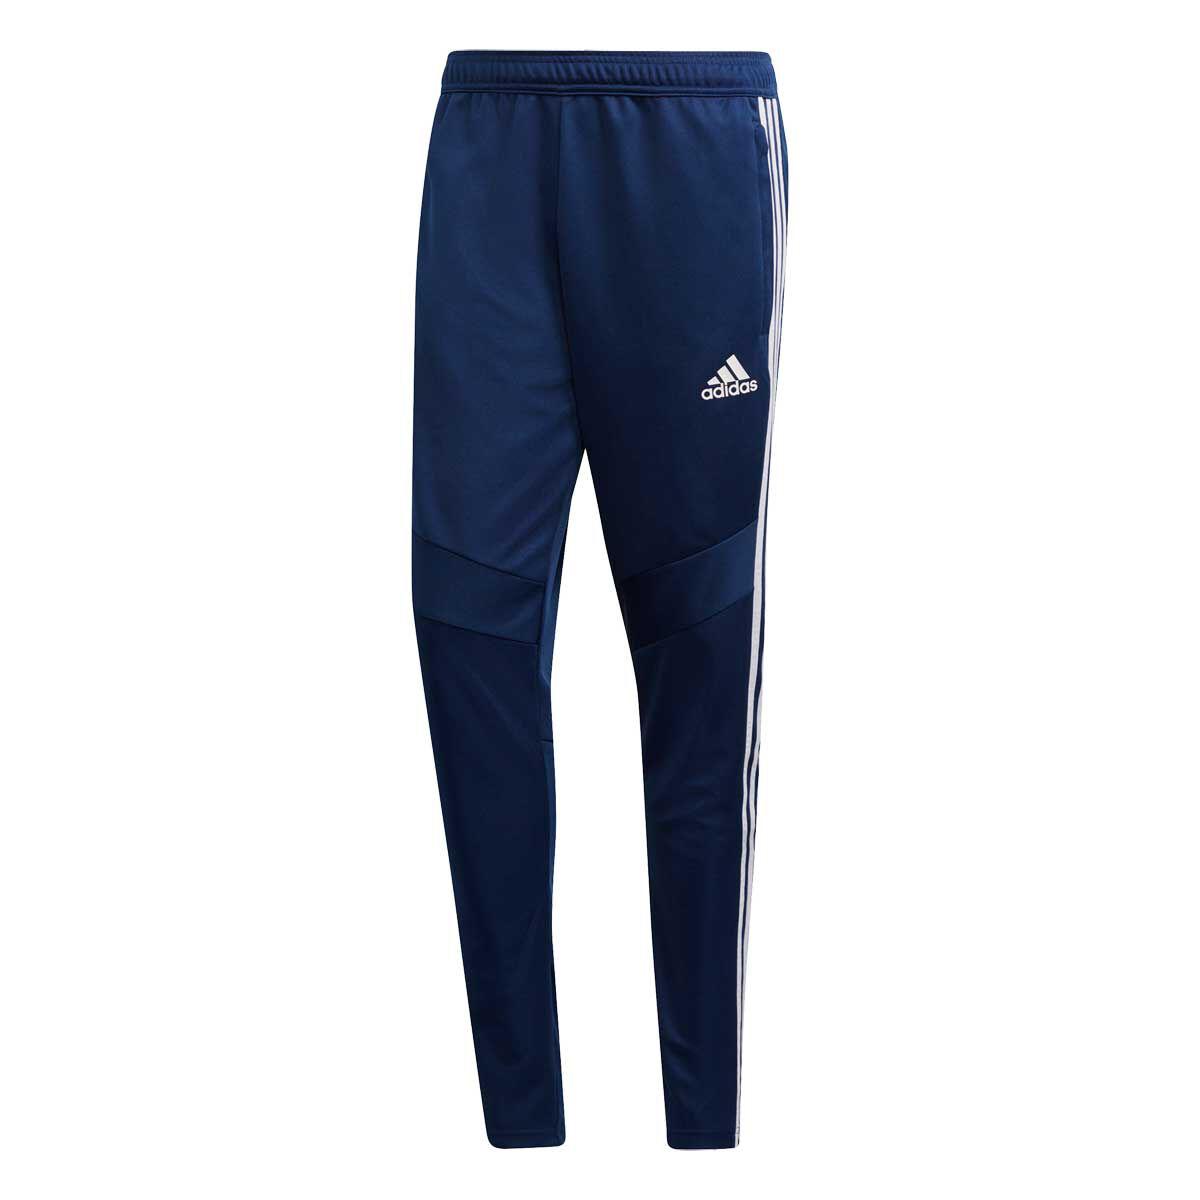 Clothing adidas Tiro 19 Training Jacket Sports & Outdoors